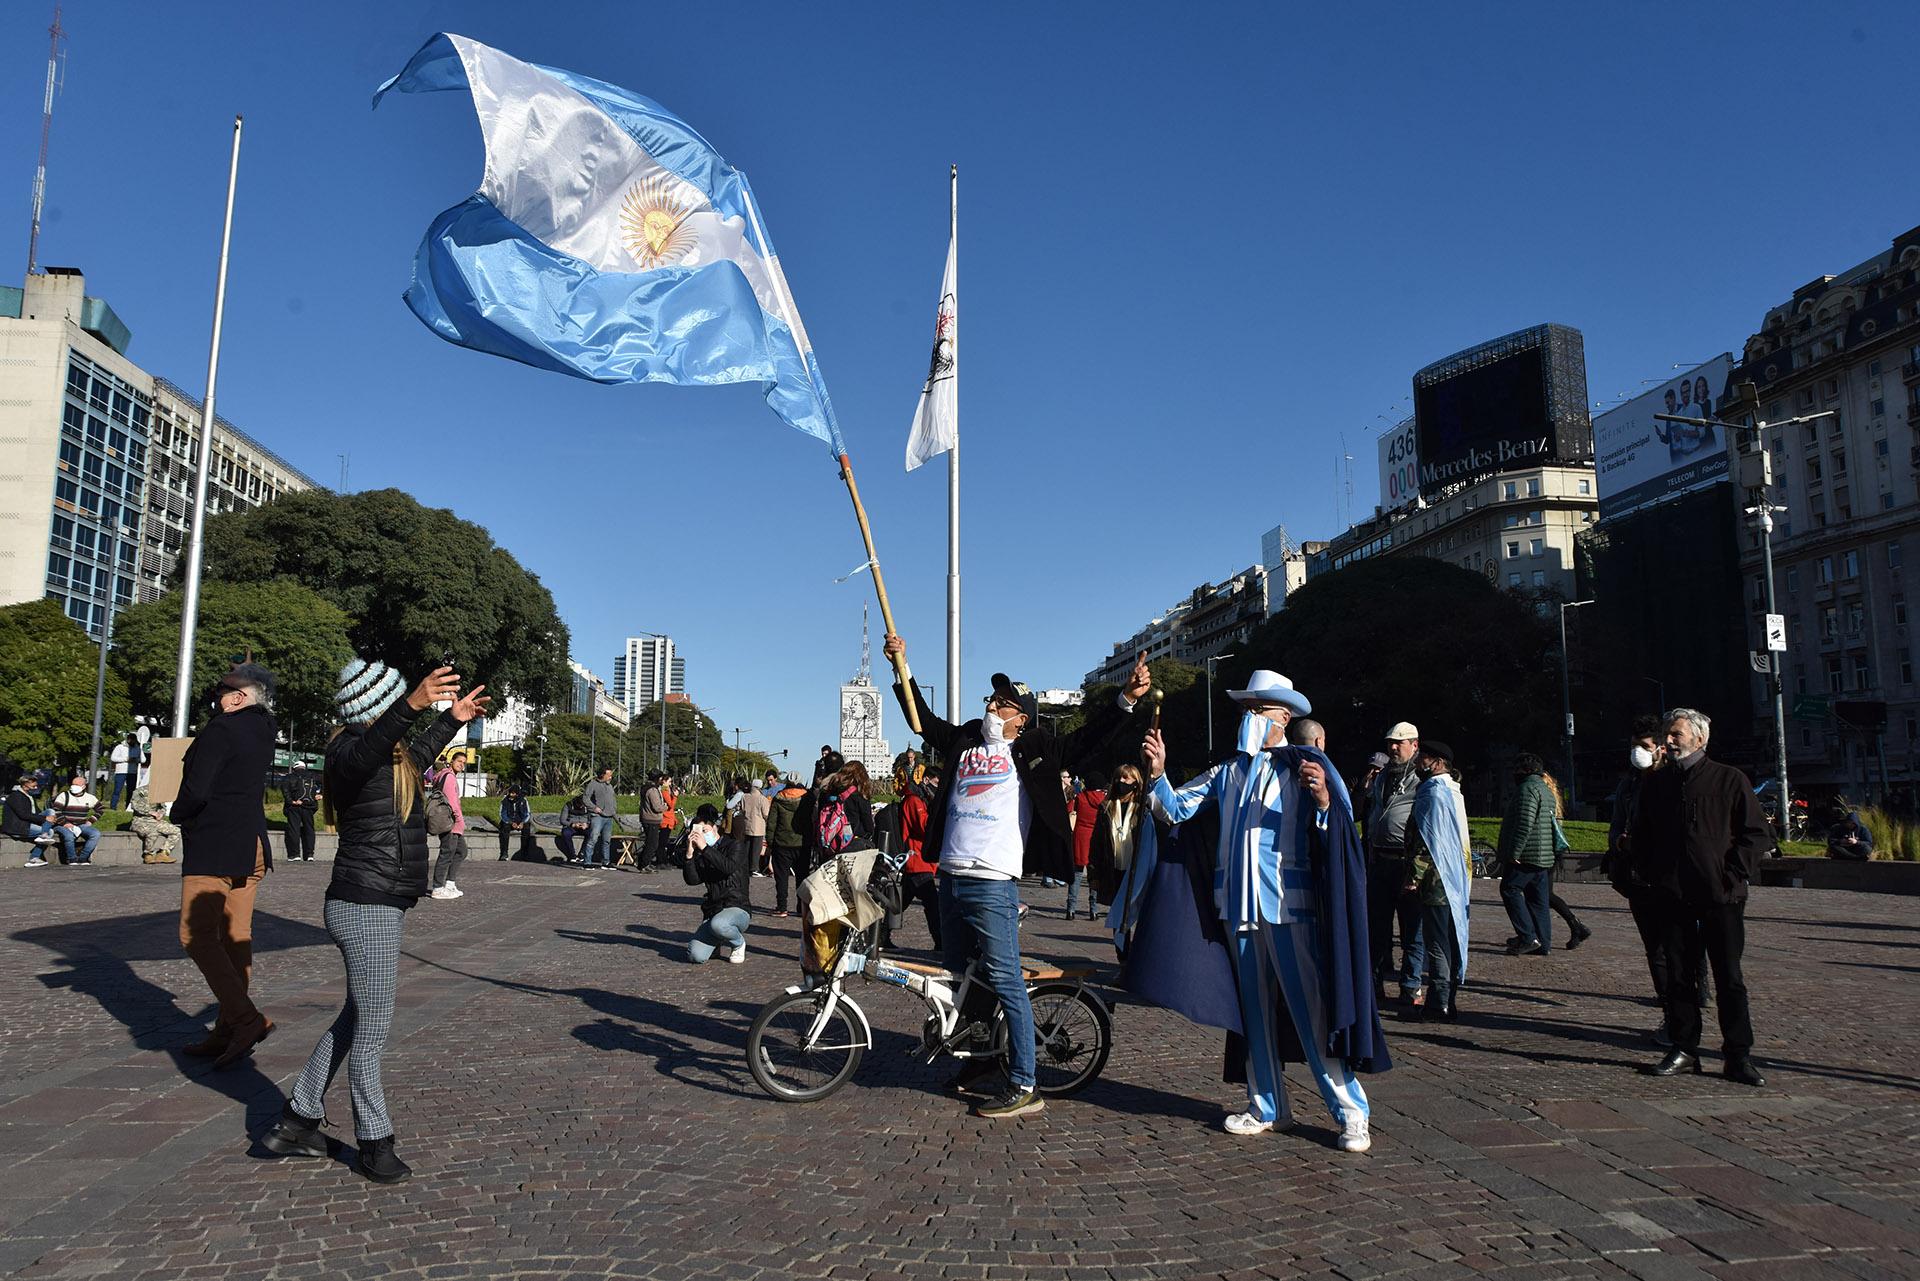 Con el pasar de las horas se multiplicó la cantidad de gente en el centro porteño